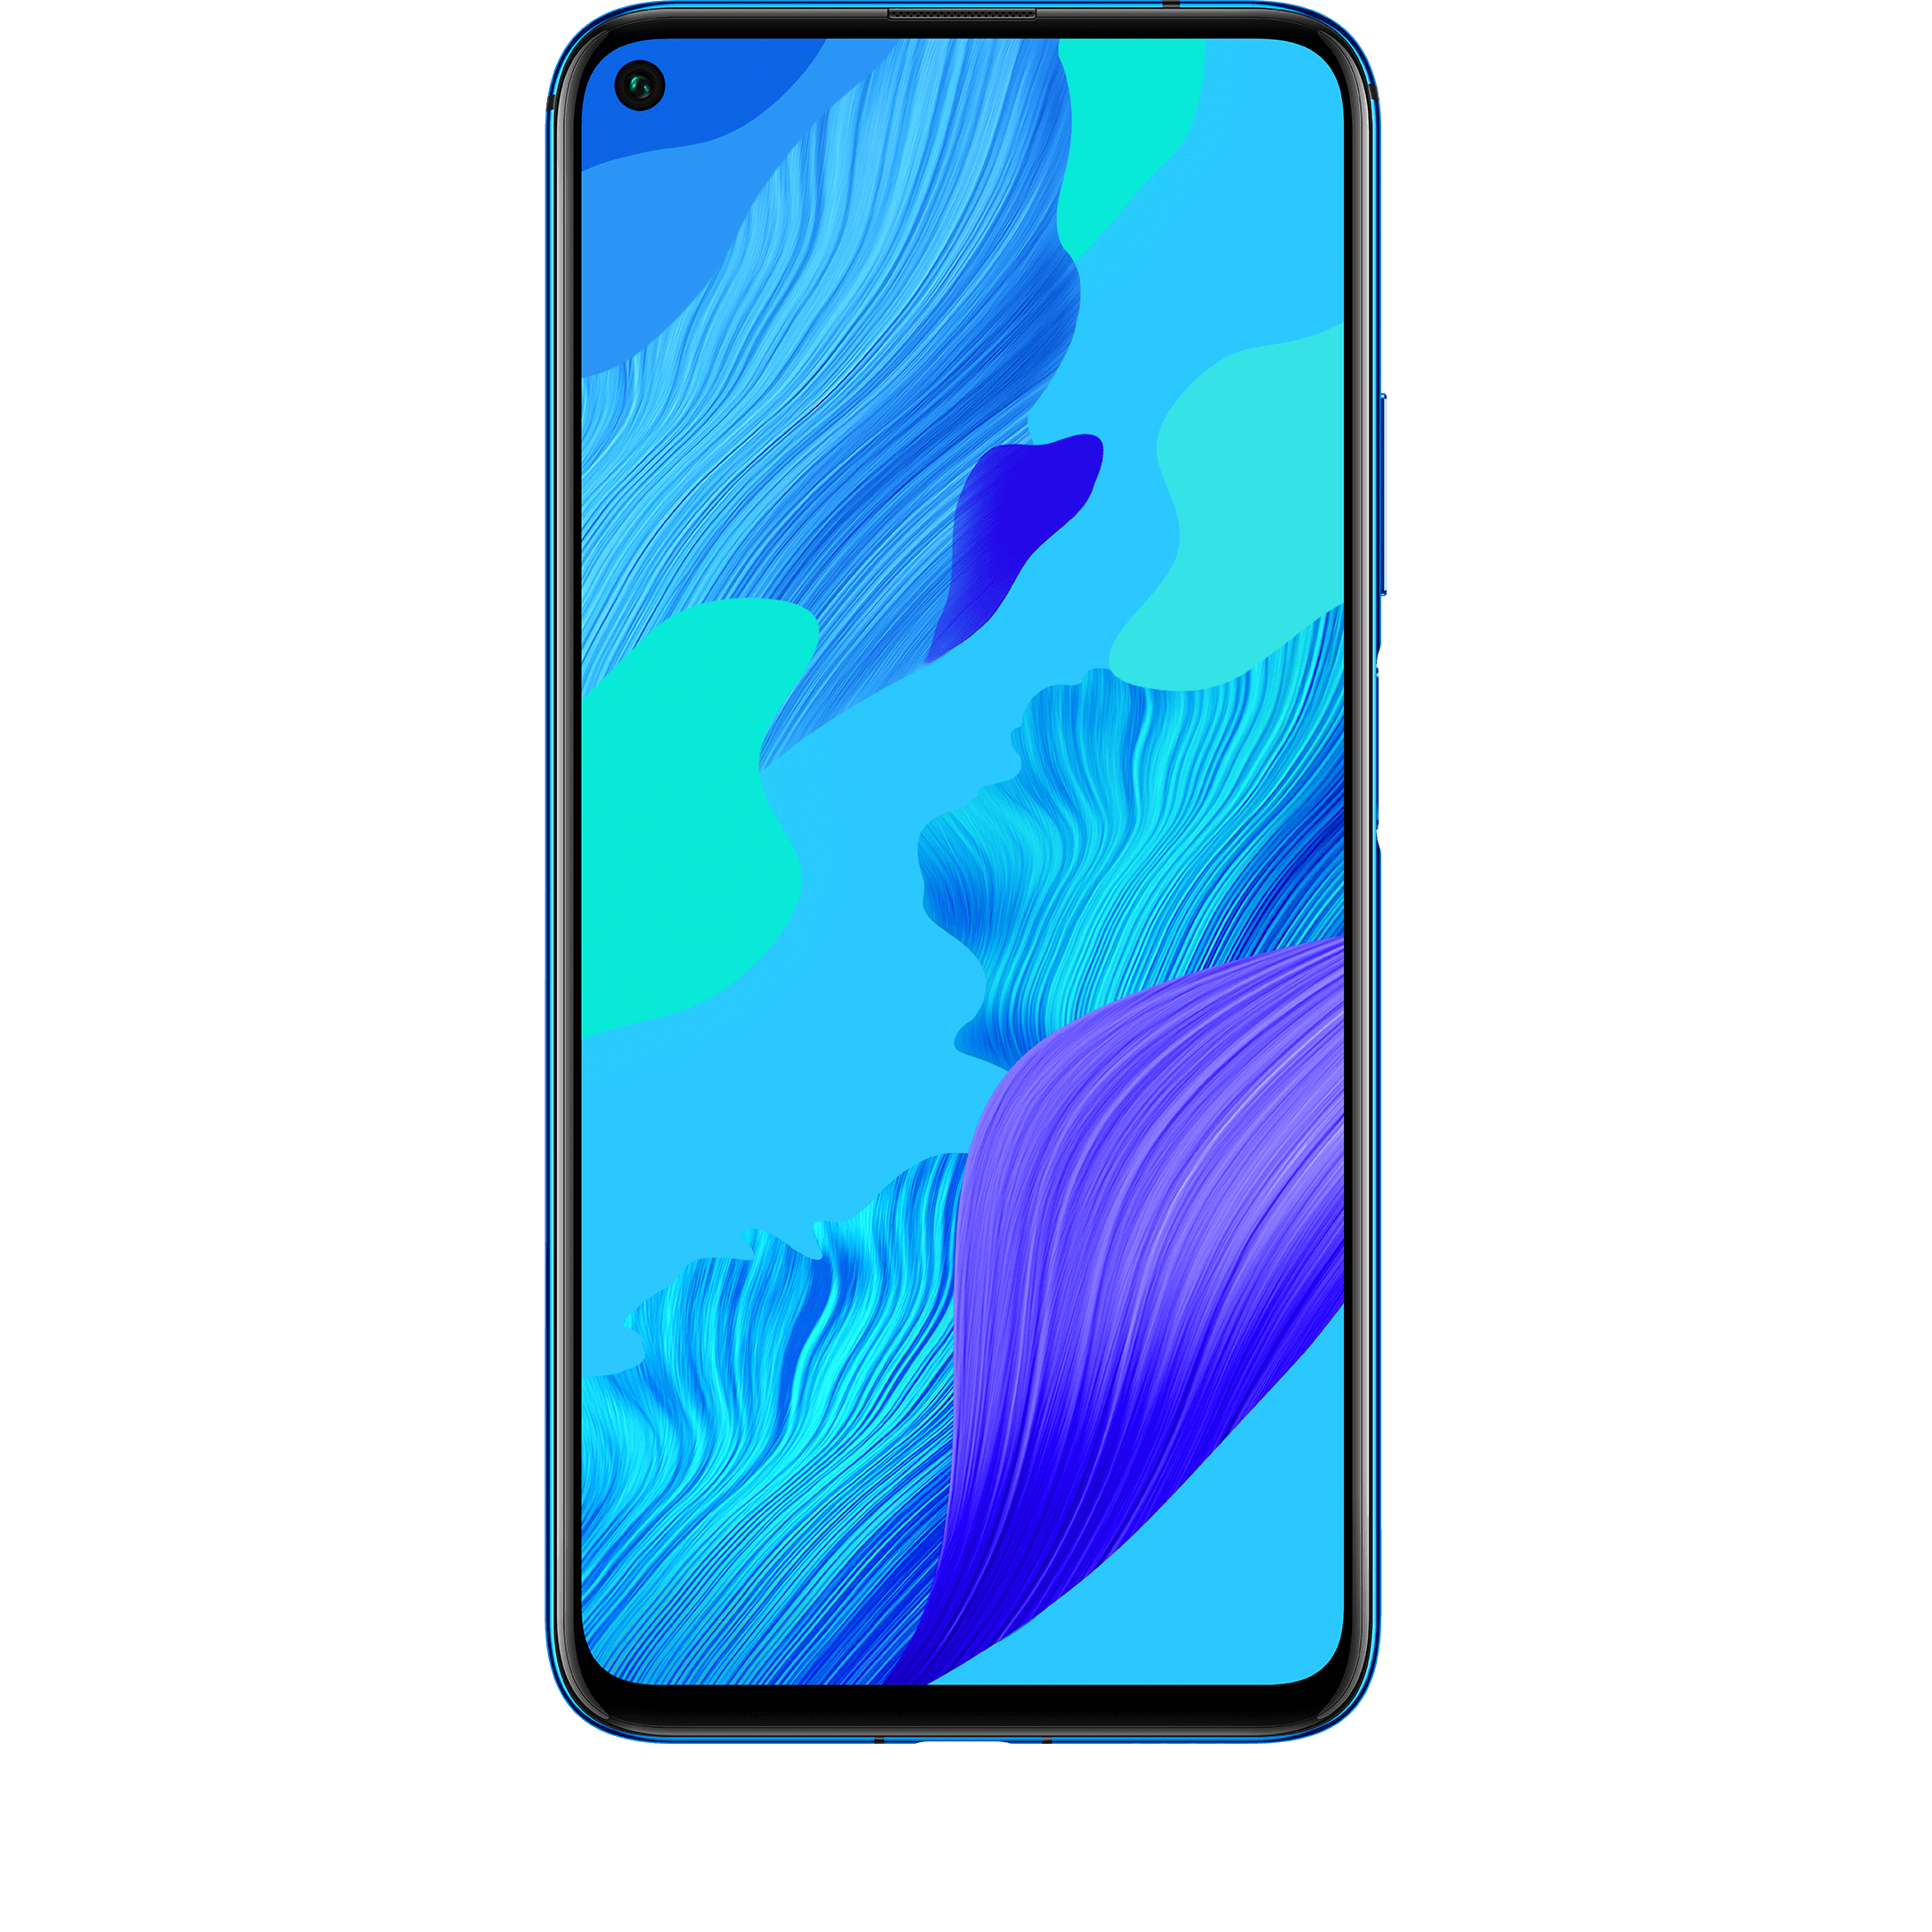 Günstig Kaufen beim Preisvergleich-Huawei nova 5T 128 GB blau mit Allnet Flat L